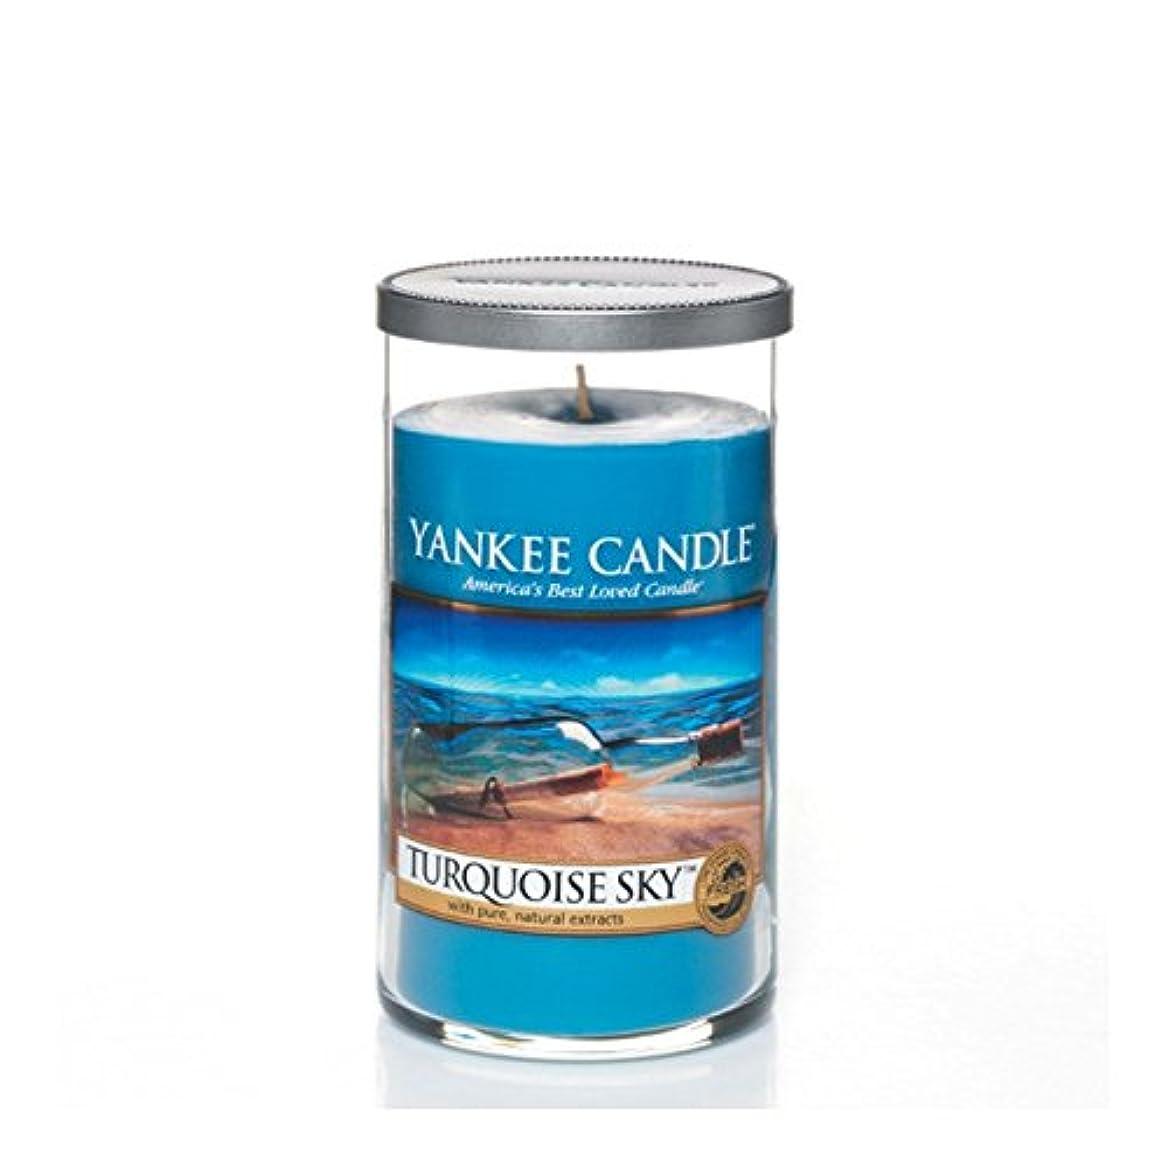 反抗接尾辞効能Yankee Candles Medium Pillar Candle - Turquoise Sky (Pack of 2) - ヤンキーキャンドルメディアピラーキャンドル - ターコイズの空 (x2) [並行輸入品]